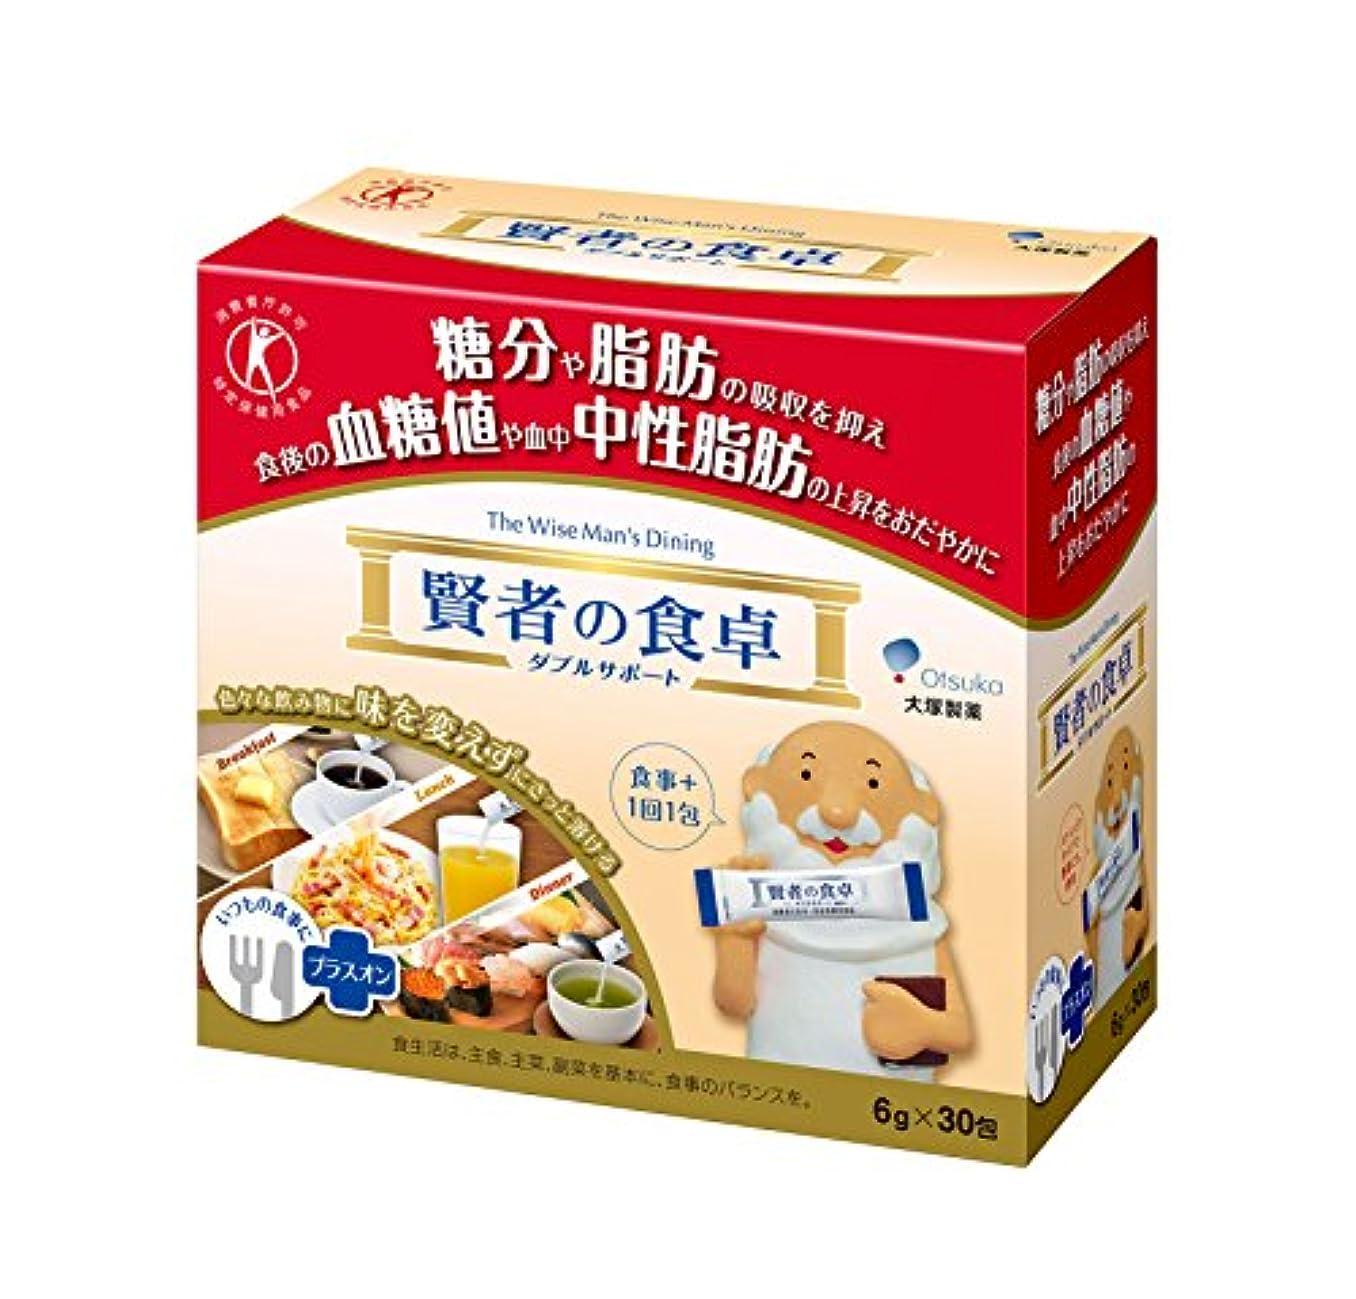 なぜ昇る大陸大塚製薬 賢者の食卓 ダブルサポート 6g×30包 【特定保健用食品】